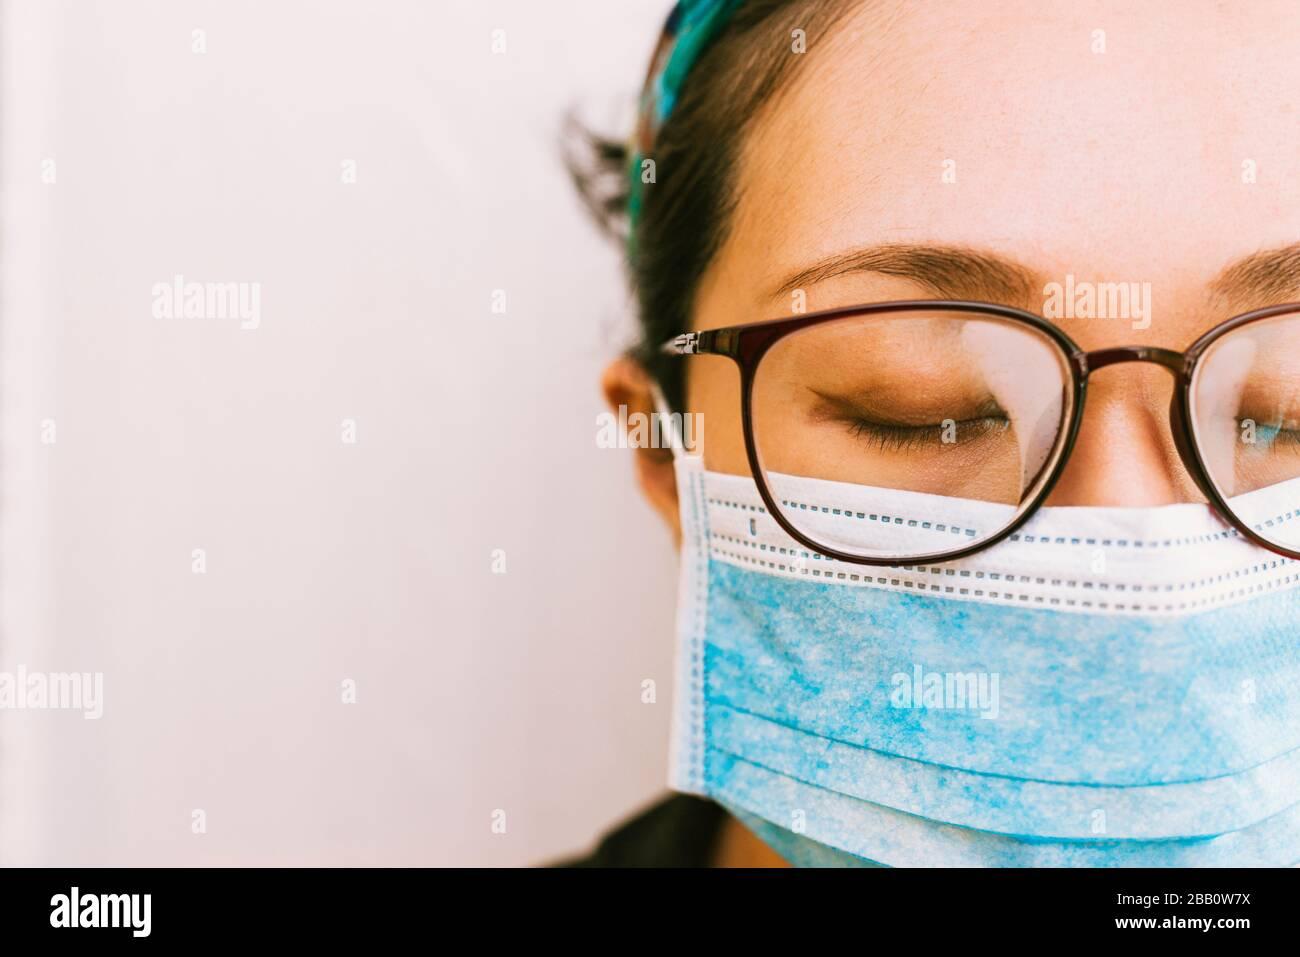 Coronavirus Thema. Asiatische Frau mit Brille, die eine Maske trägt, um sich vor Infizierung zu schützen Stockfoto